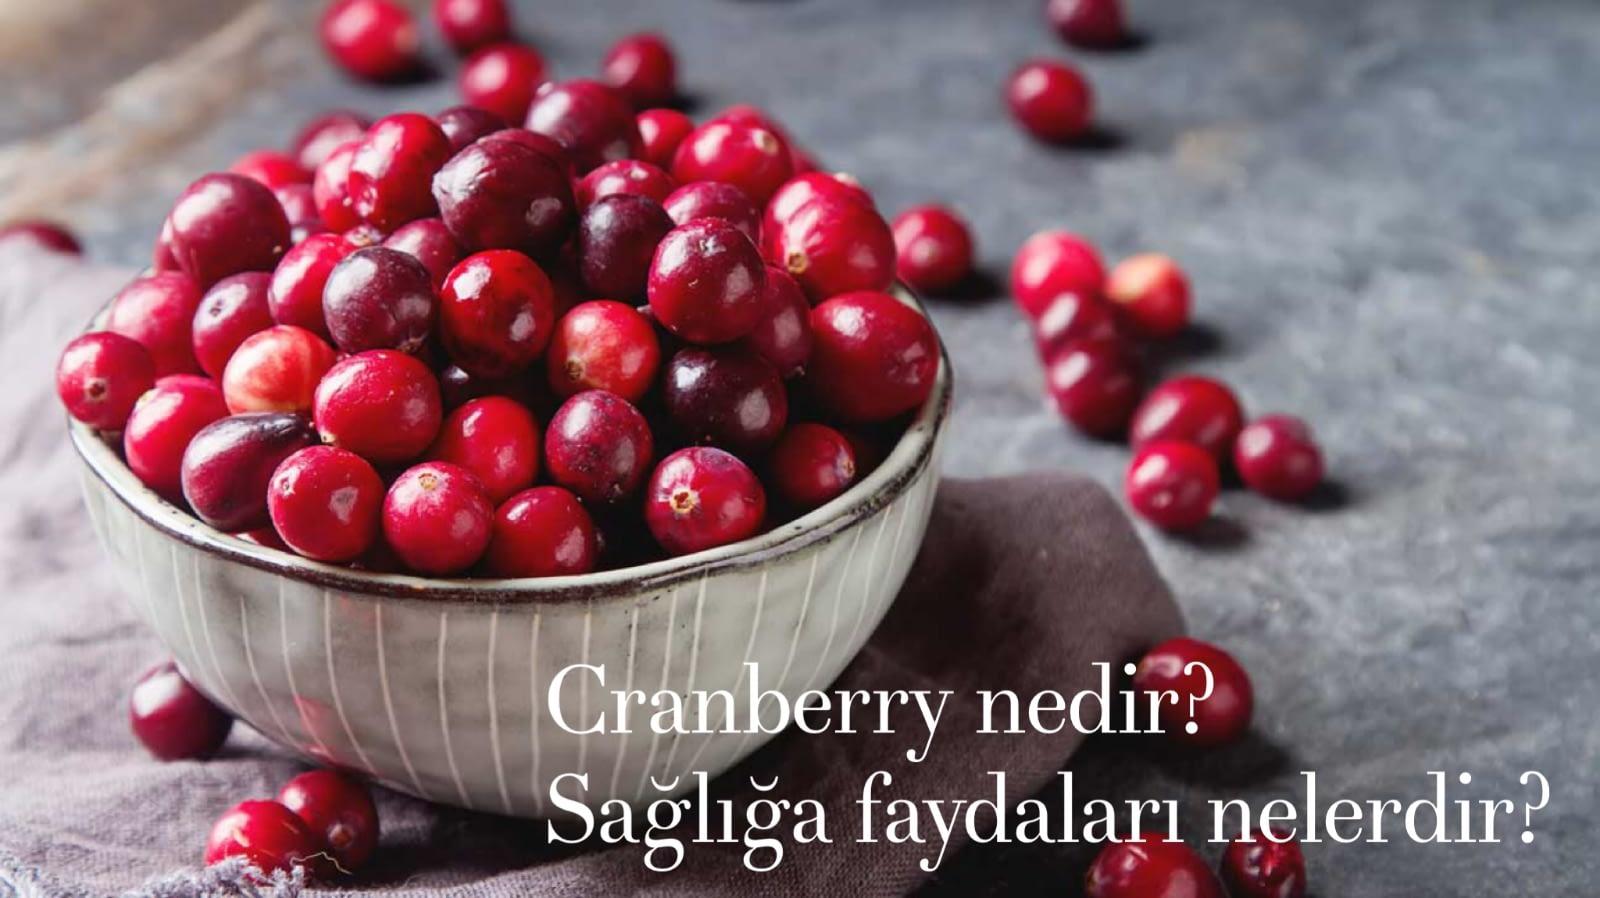 Cranberry (Turna Yemişi ) Nedir? Cranberry'in Sağlığa Faydaları Nelerdir?